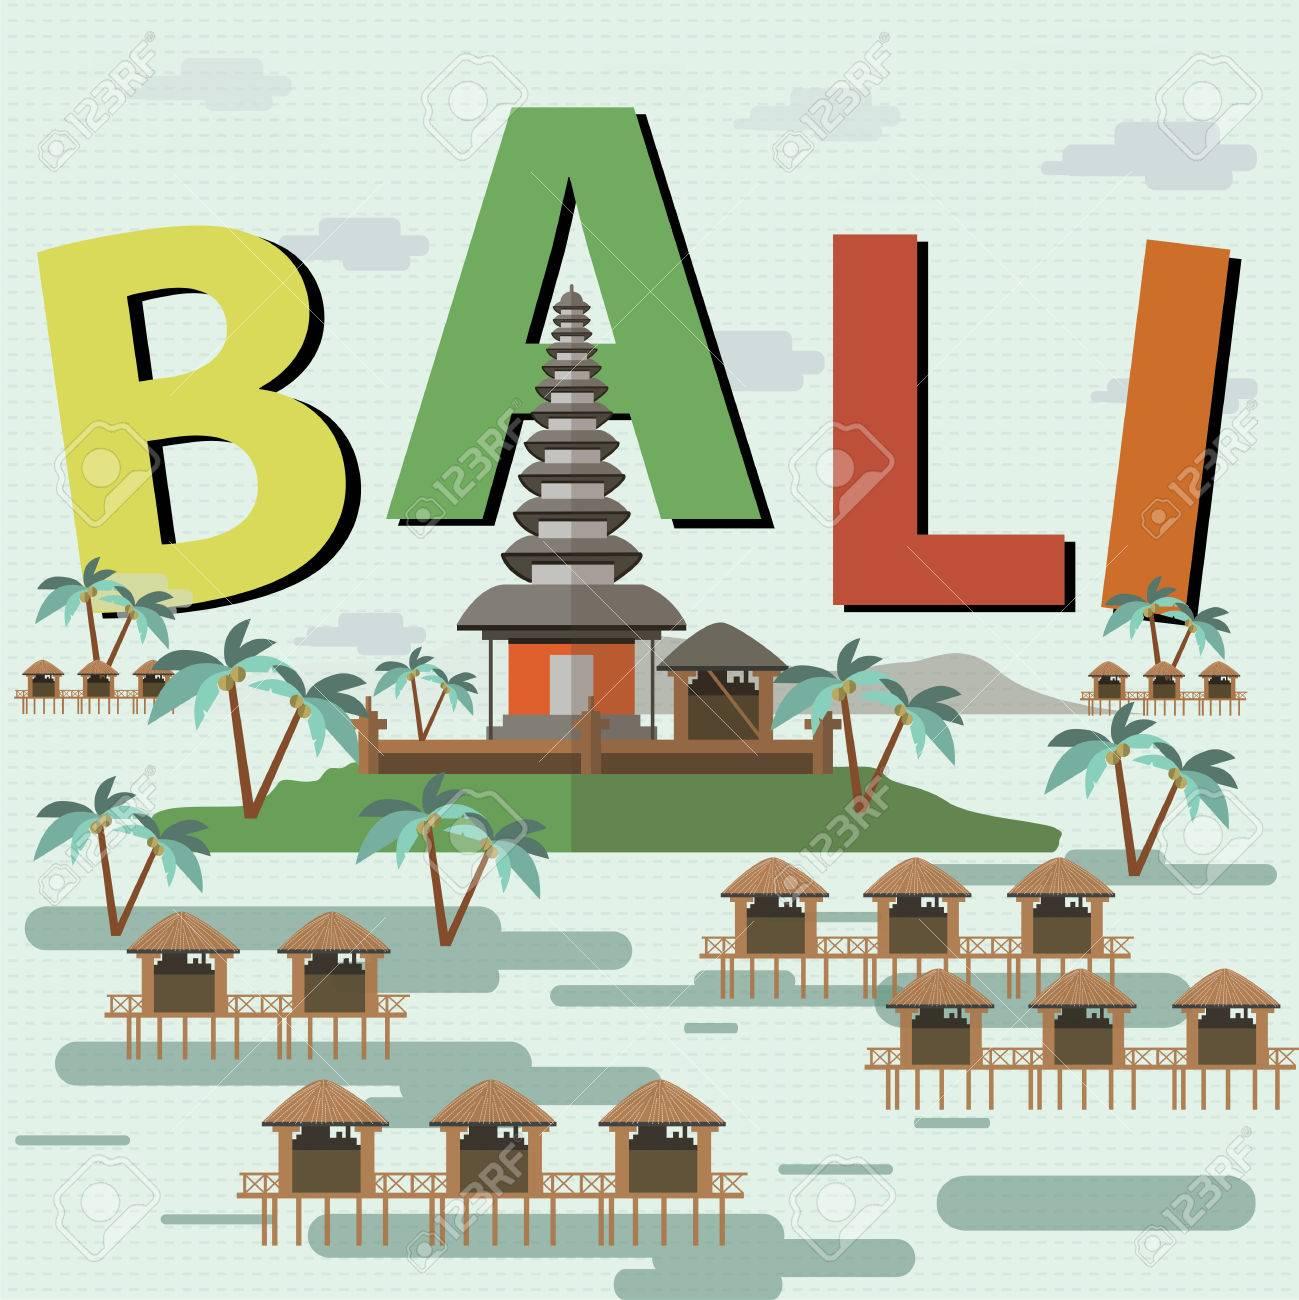 【旅行好き必見】インドネシアのバリ島はいくらあれば行ける?